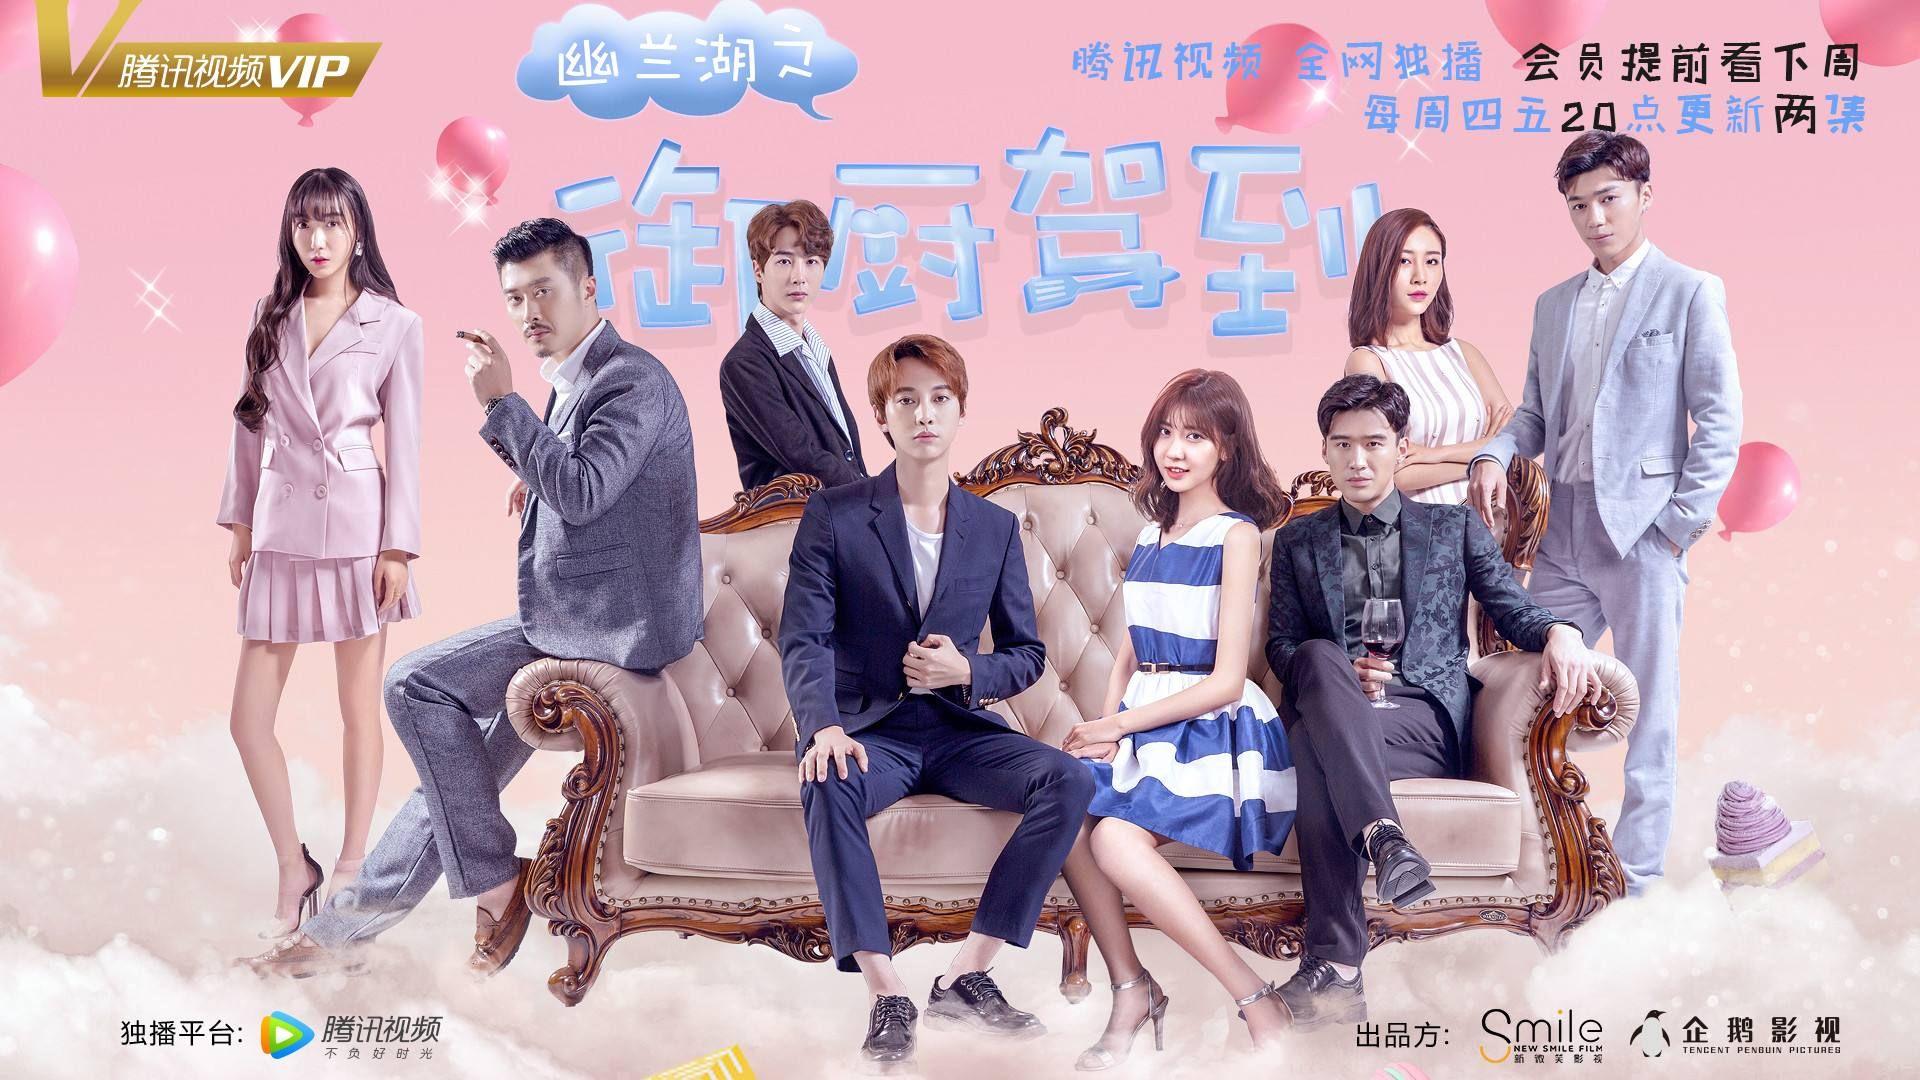 《栀子花开》,2013年参演网络剧《唐朝好男人》的她!